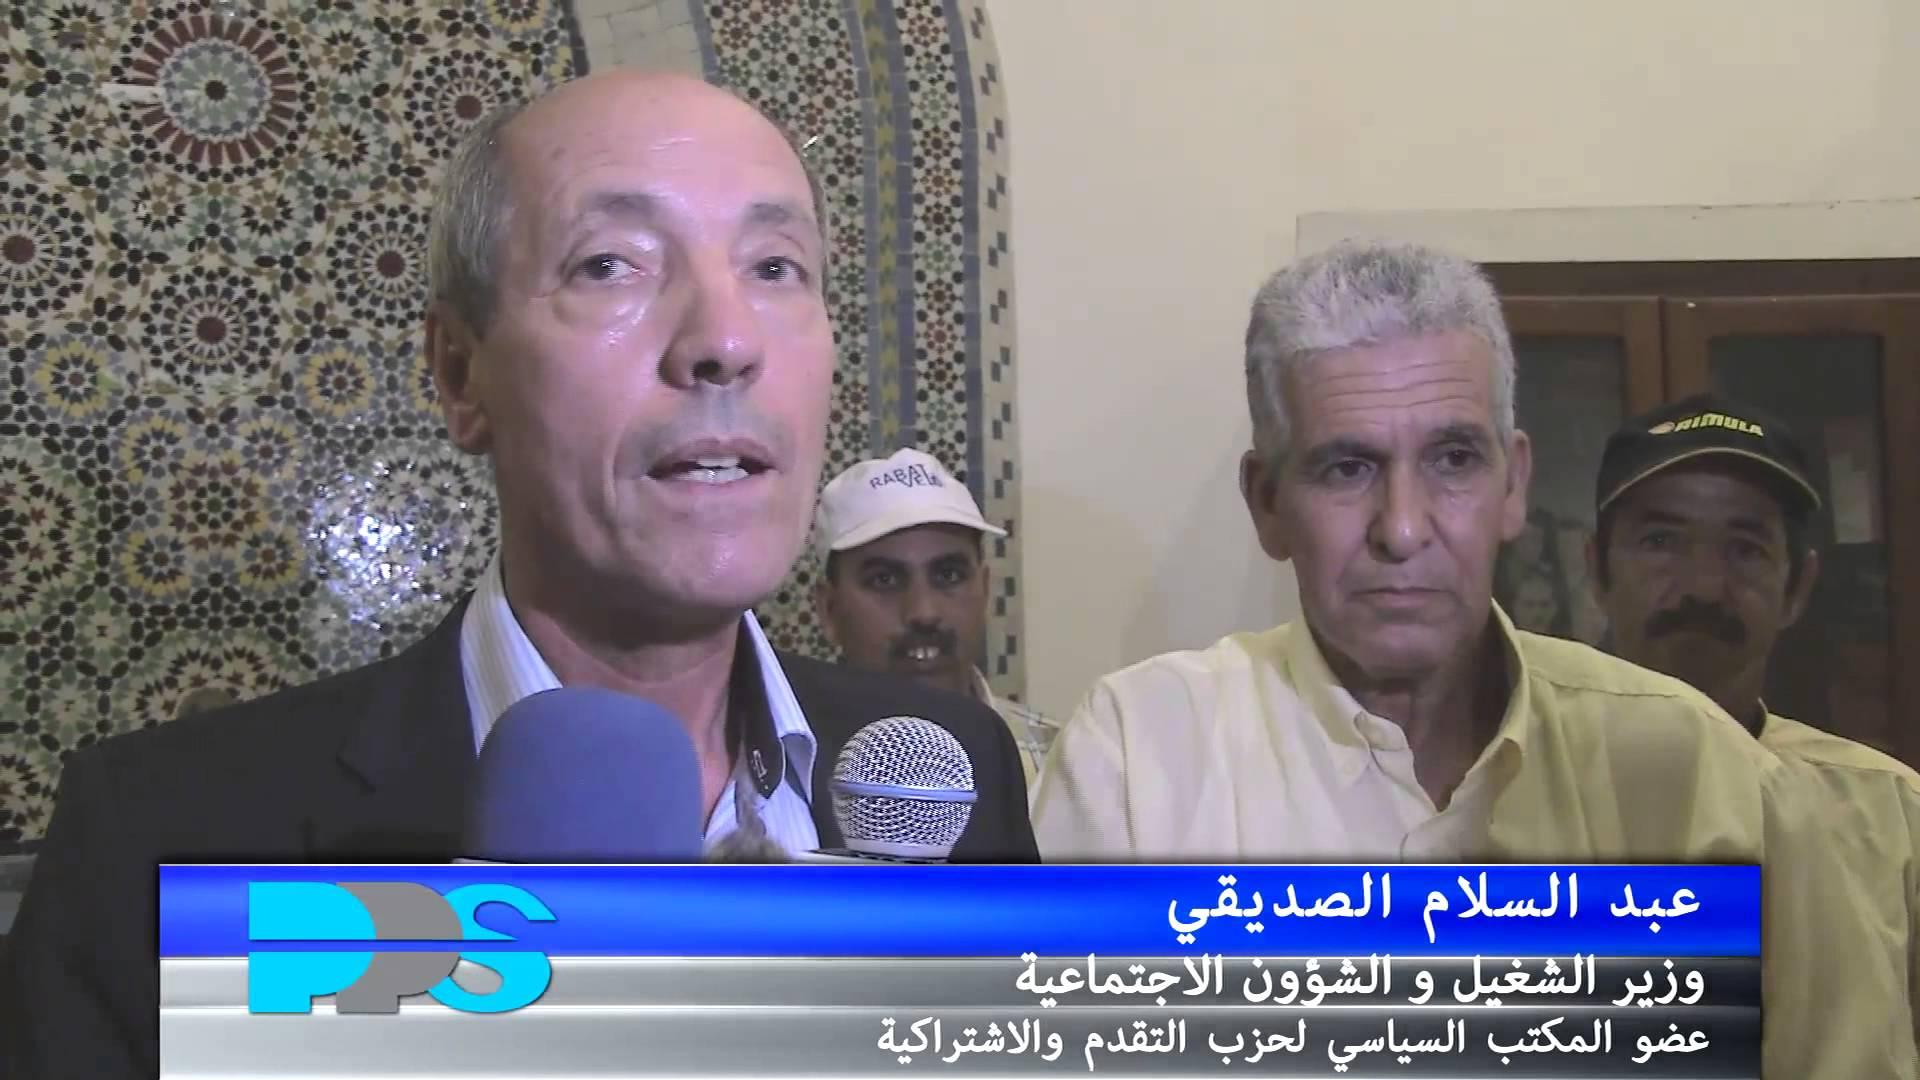 وزير التشغيل المغربي يلتقي مع بوابي العمارات